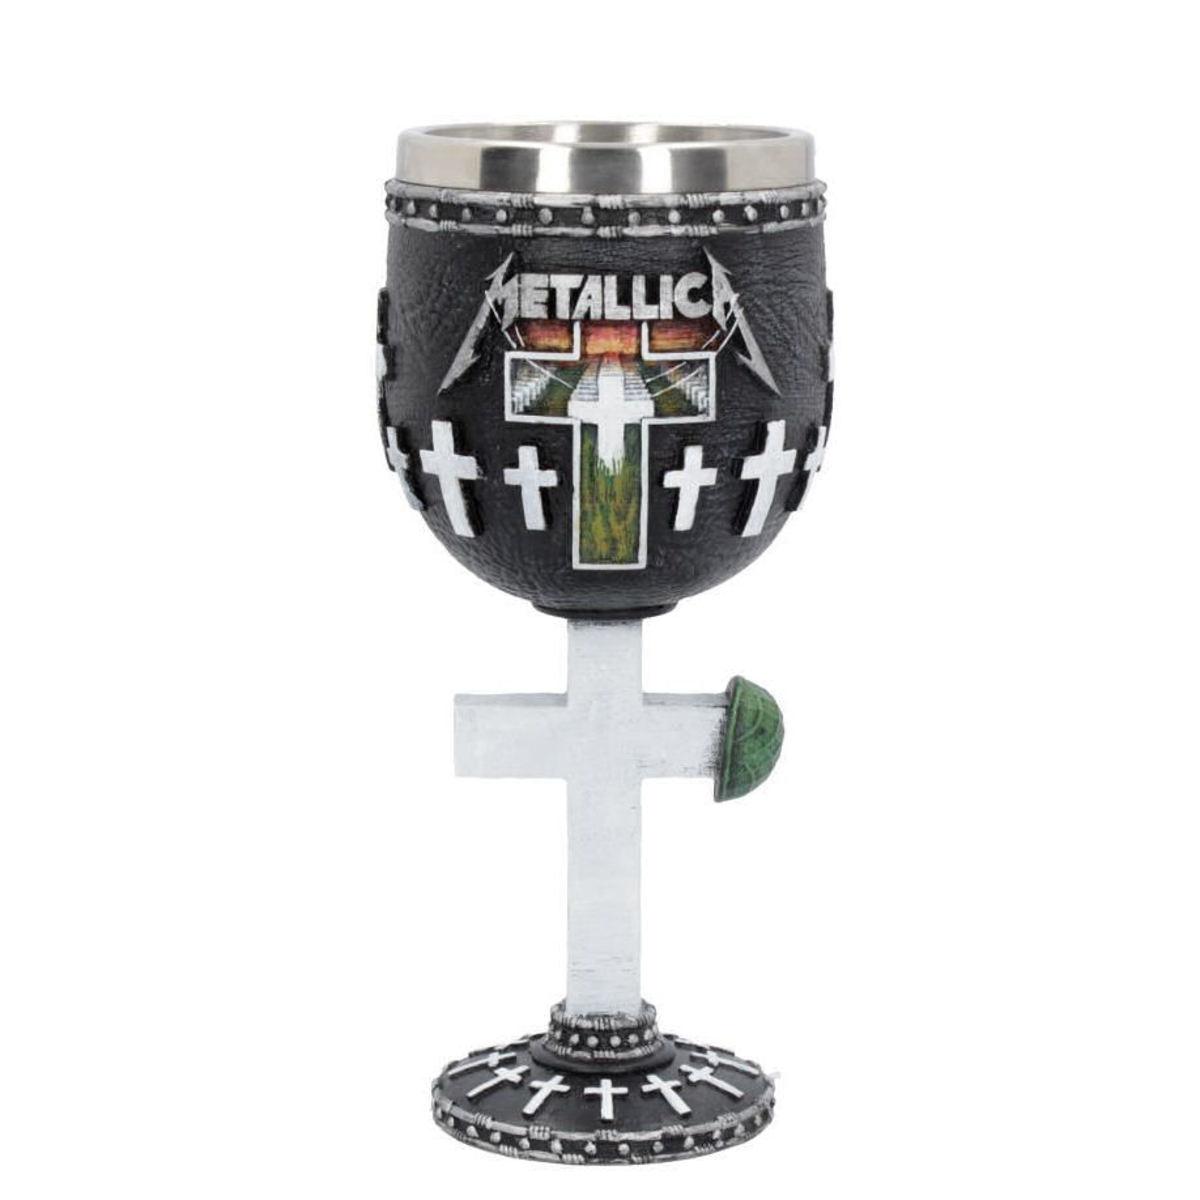 kalich Metallica - Master of Puppets - B4682N9